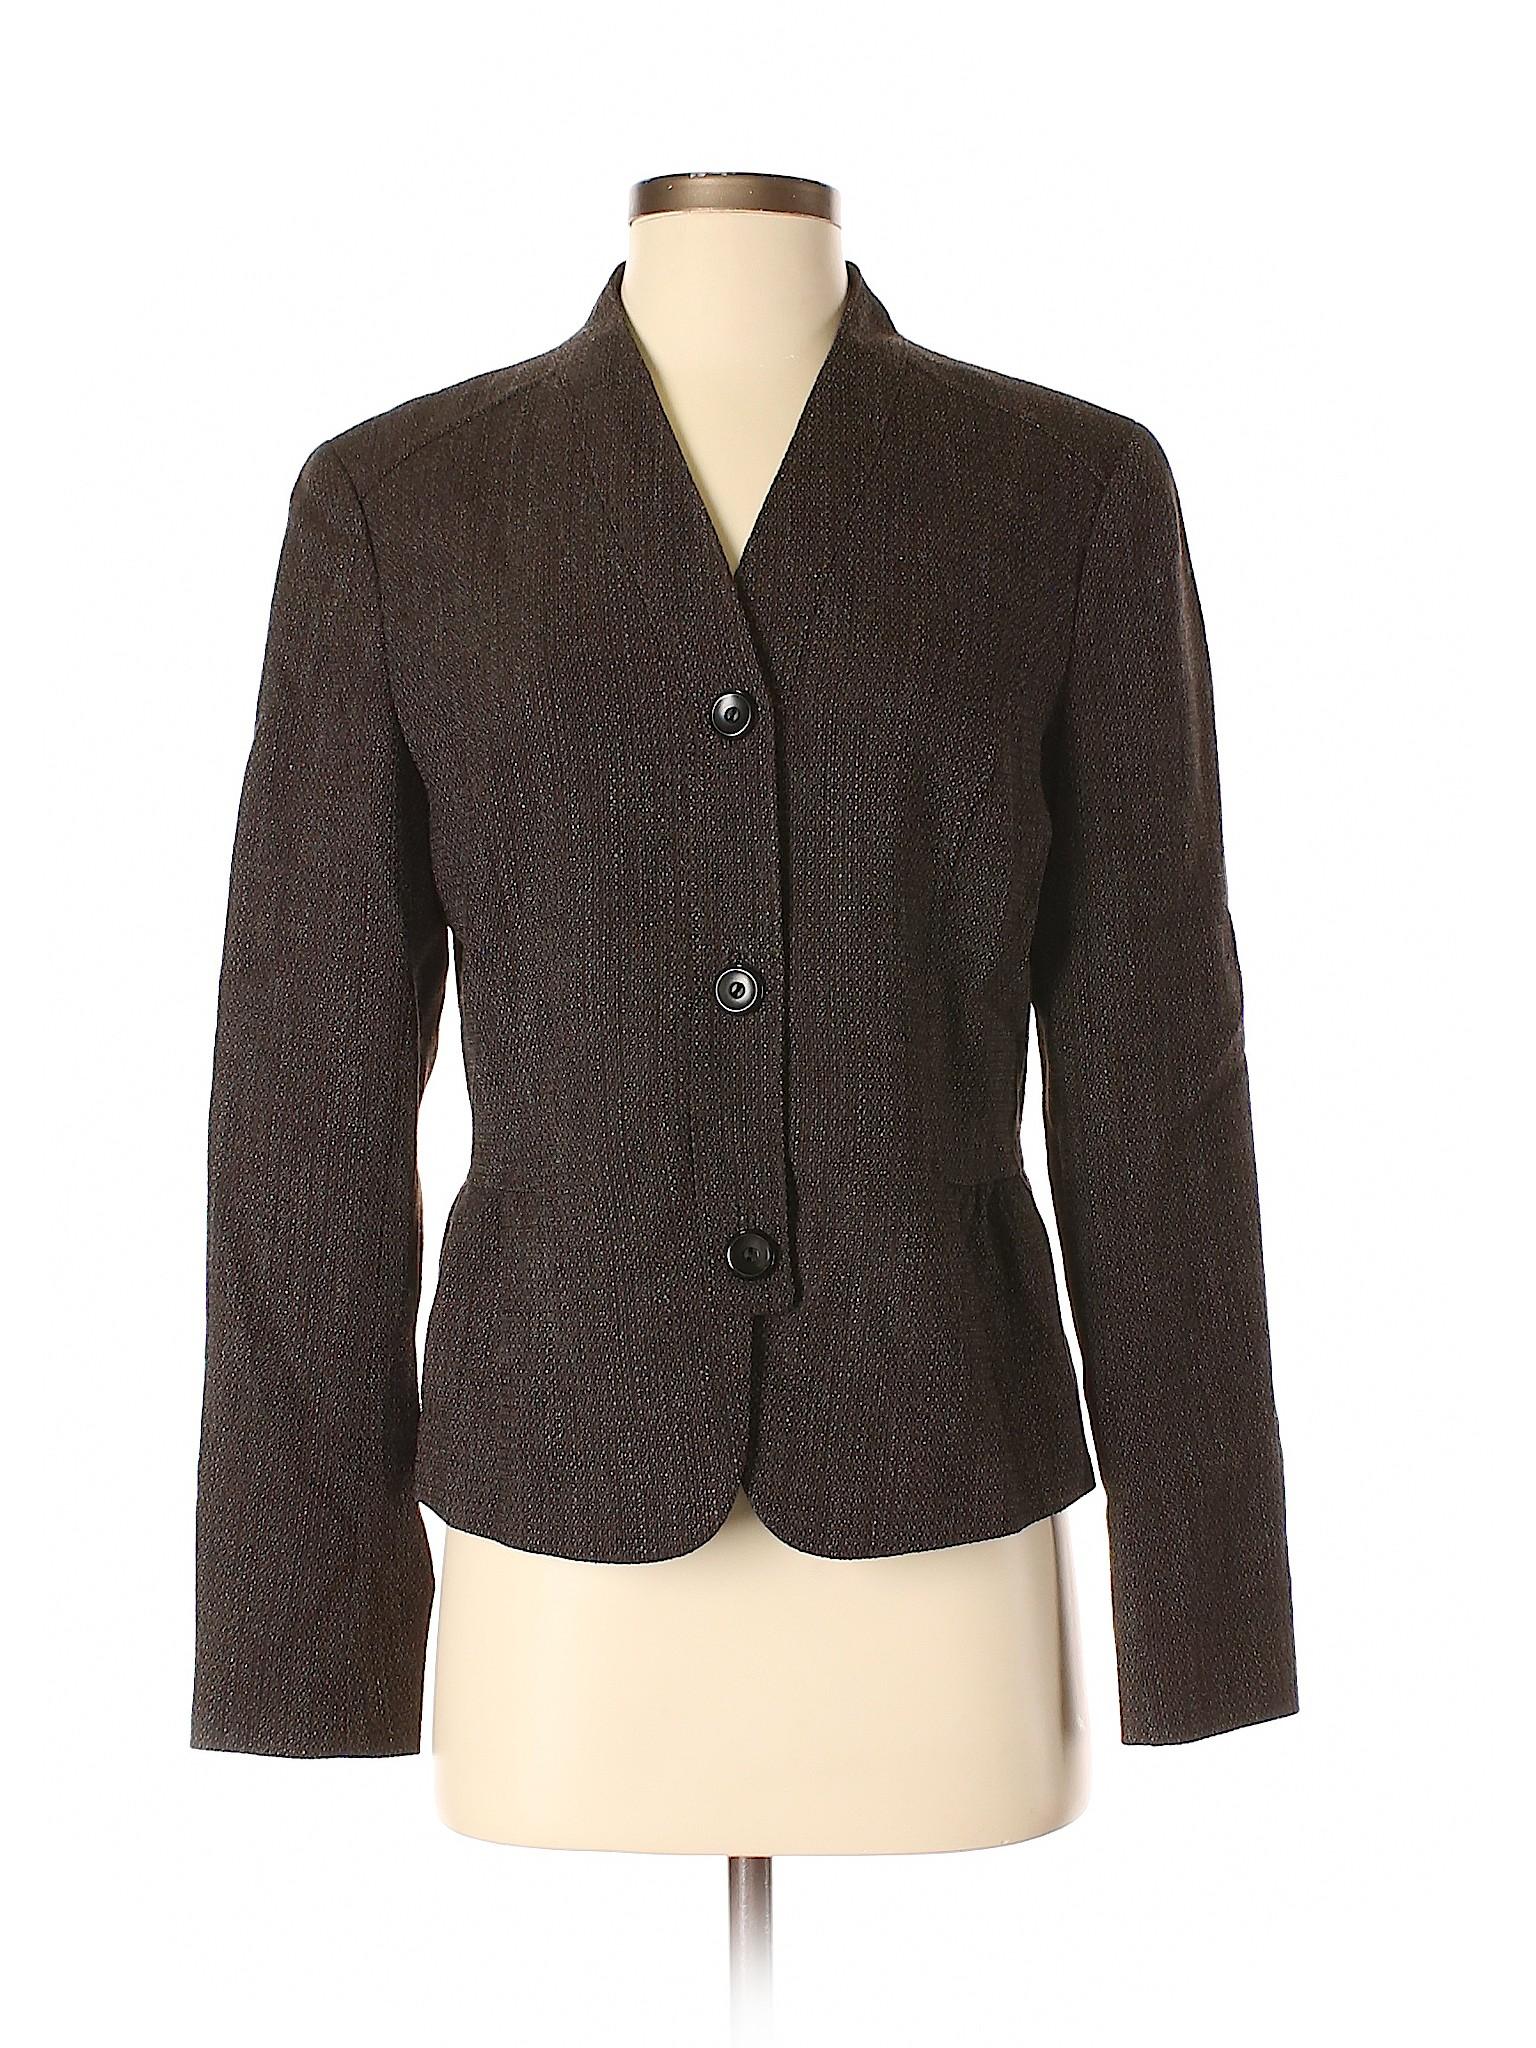 Wool Lafayette New 148 York Blazer Boutique vBqTRwW